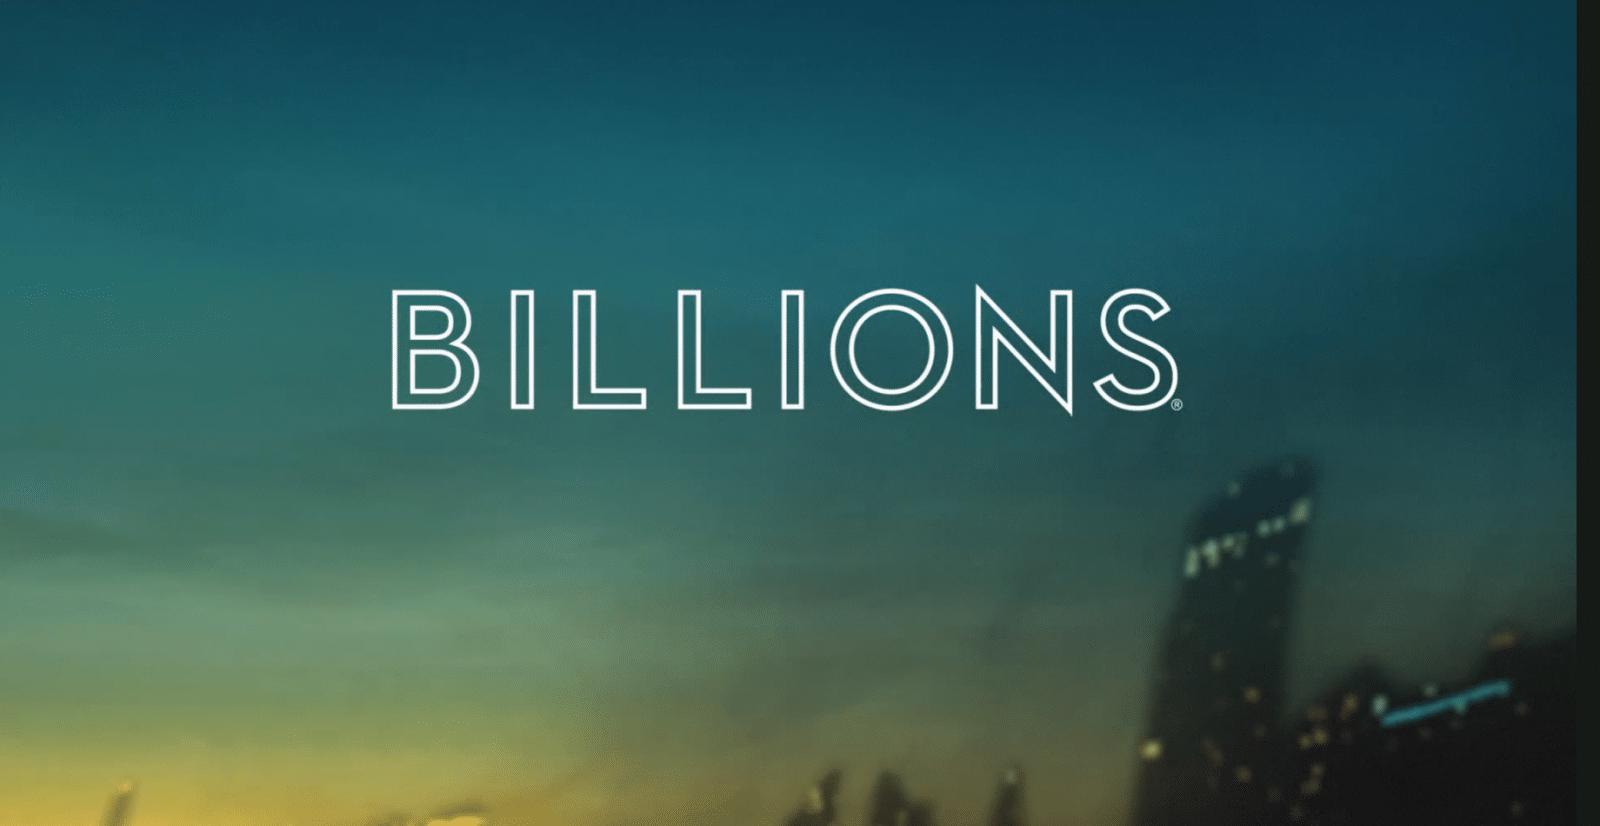 Billions Header